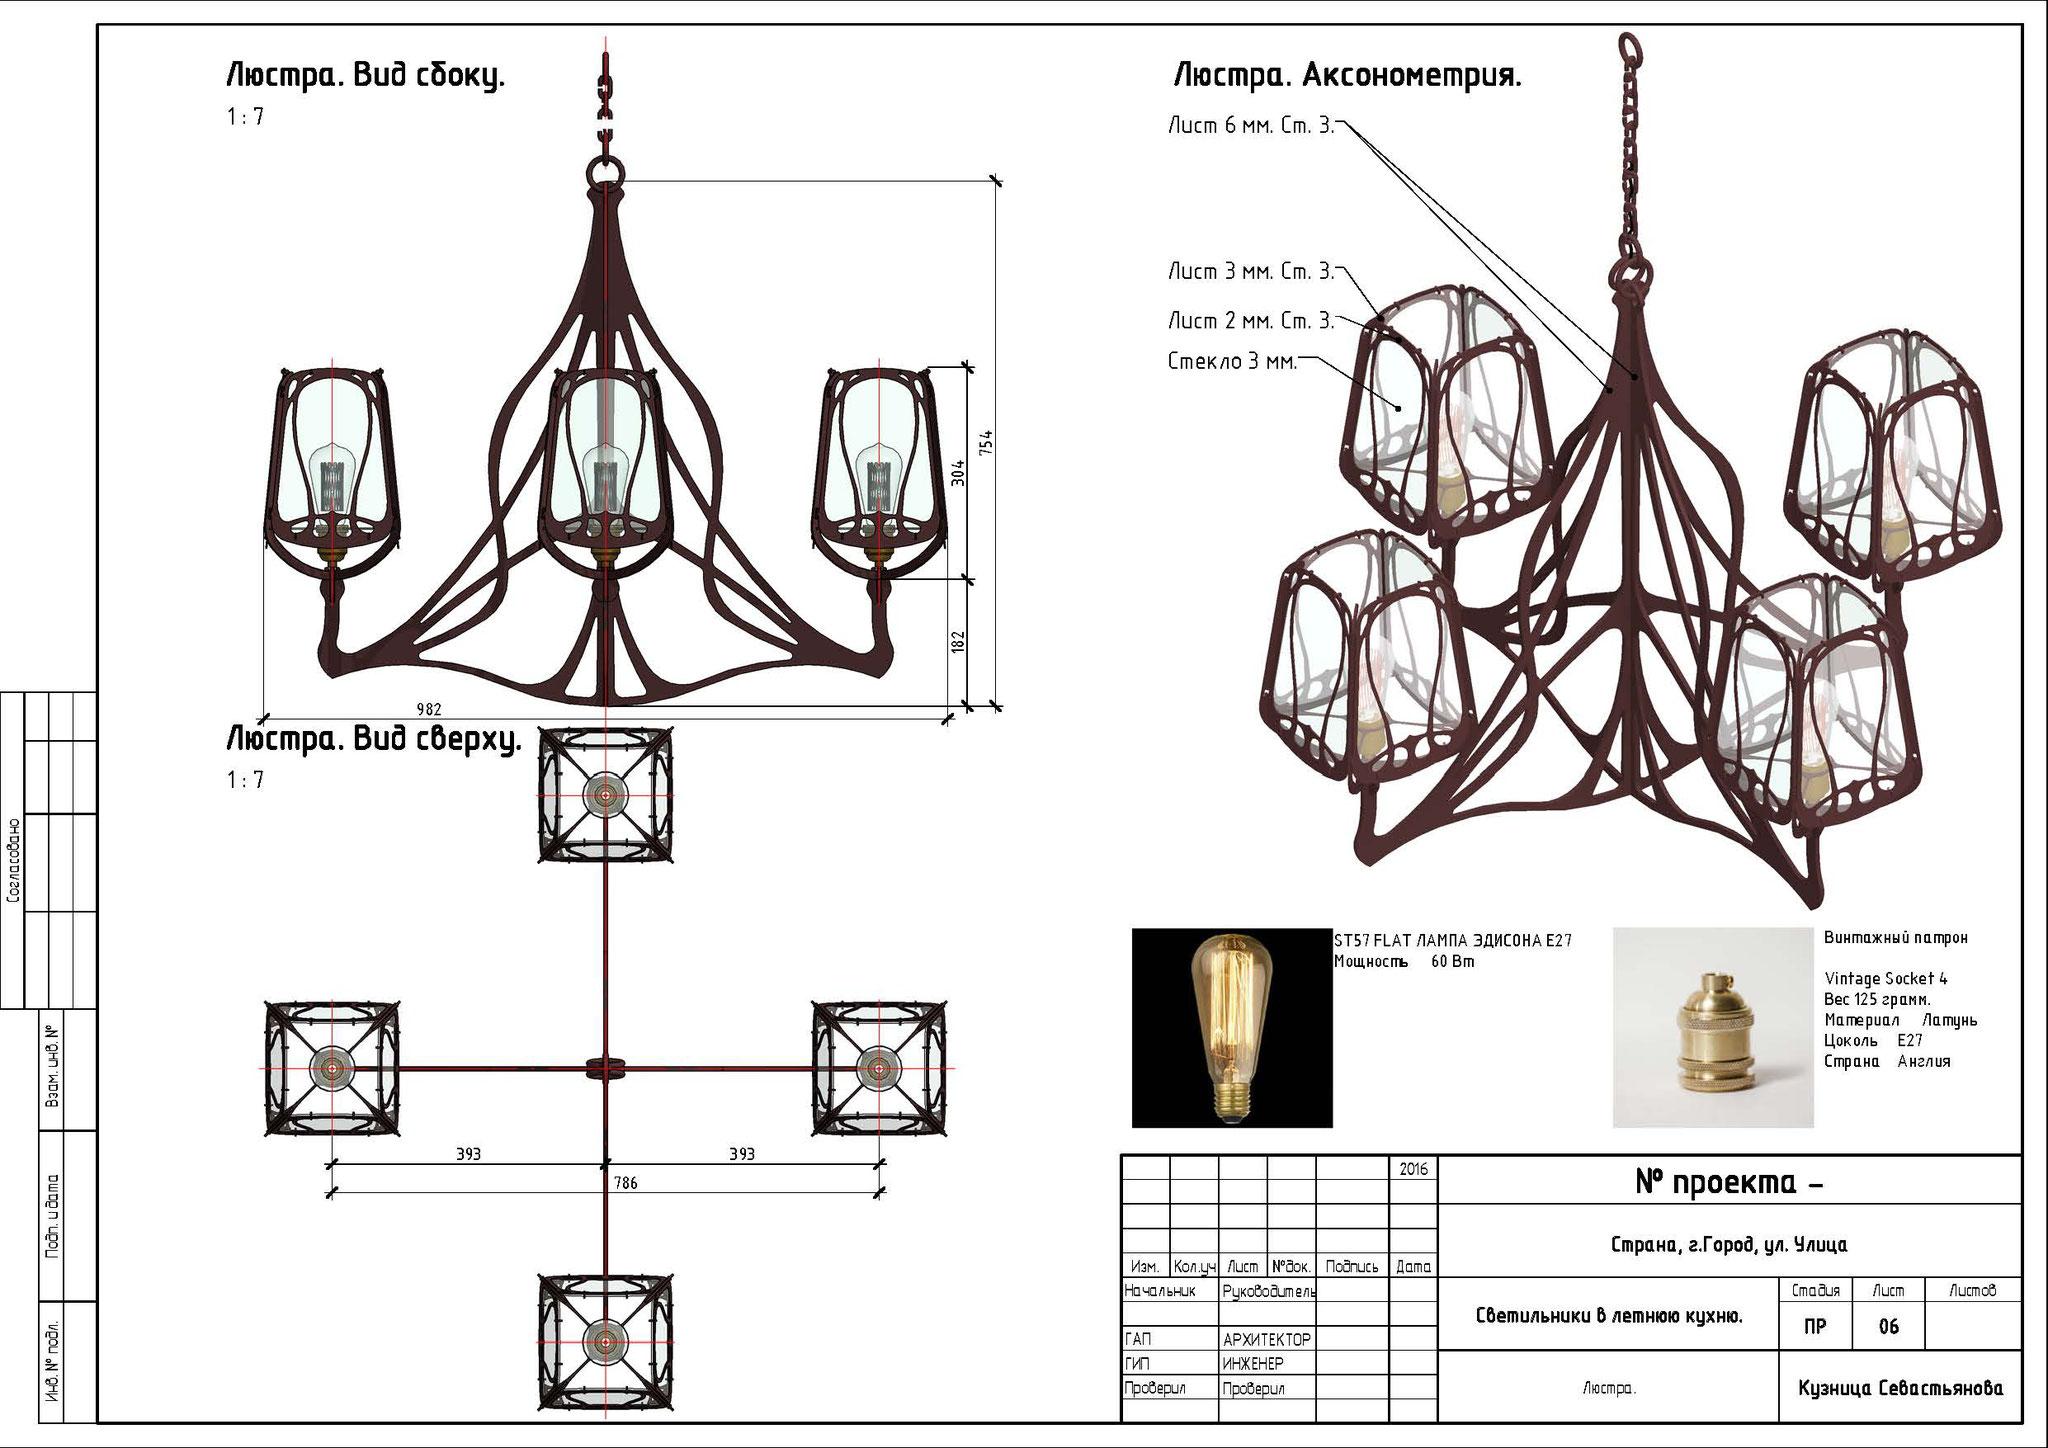 Дизайн- проект люстры в стиле модерн.